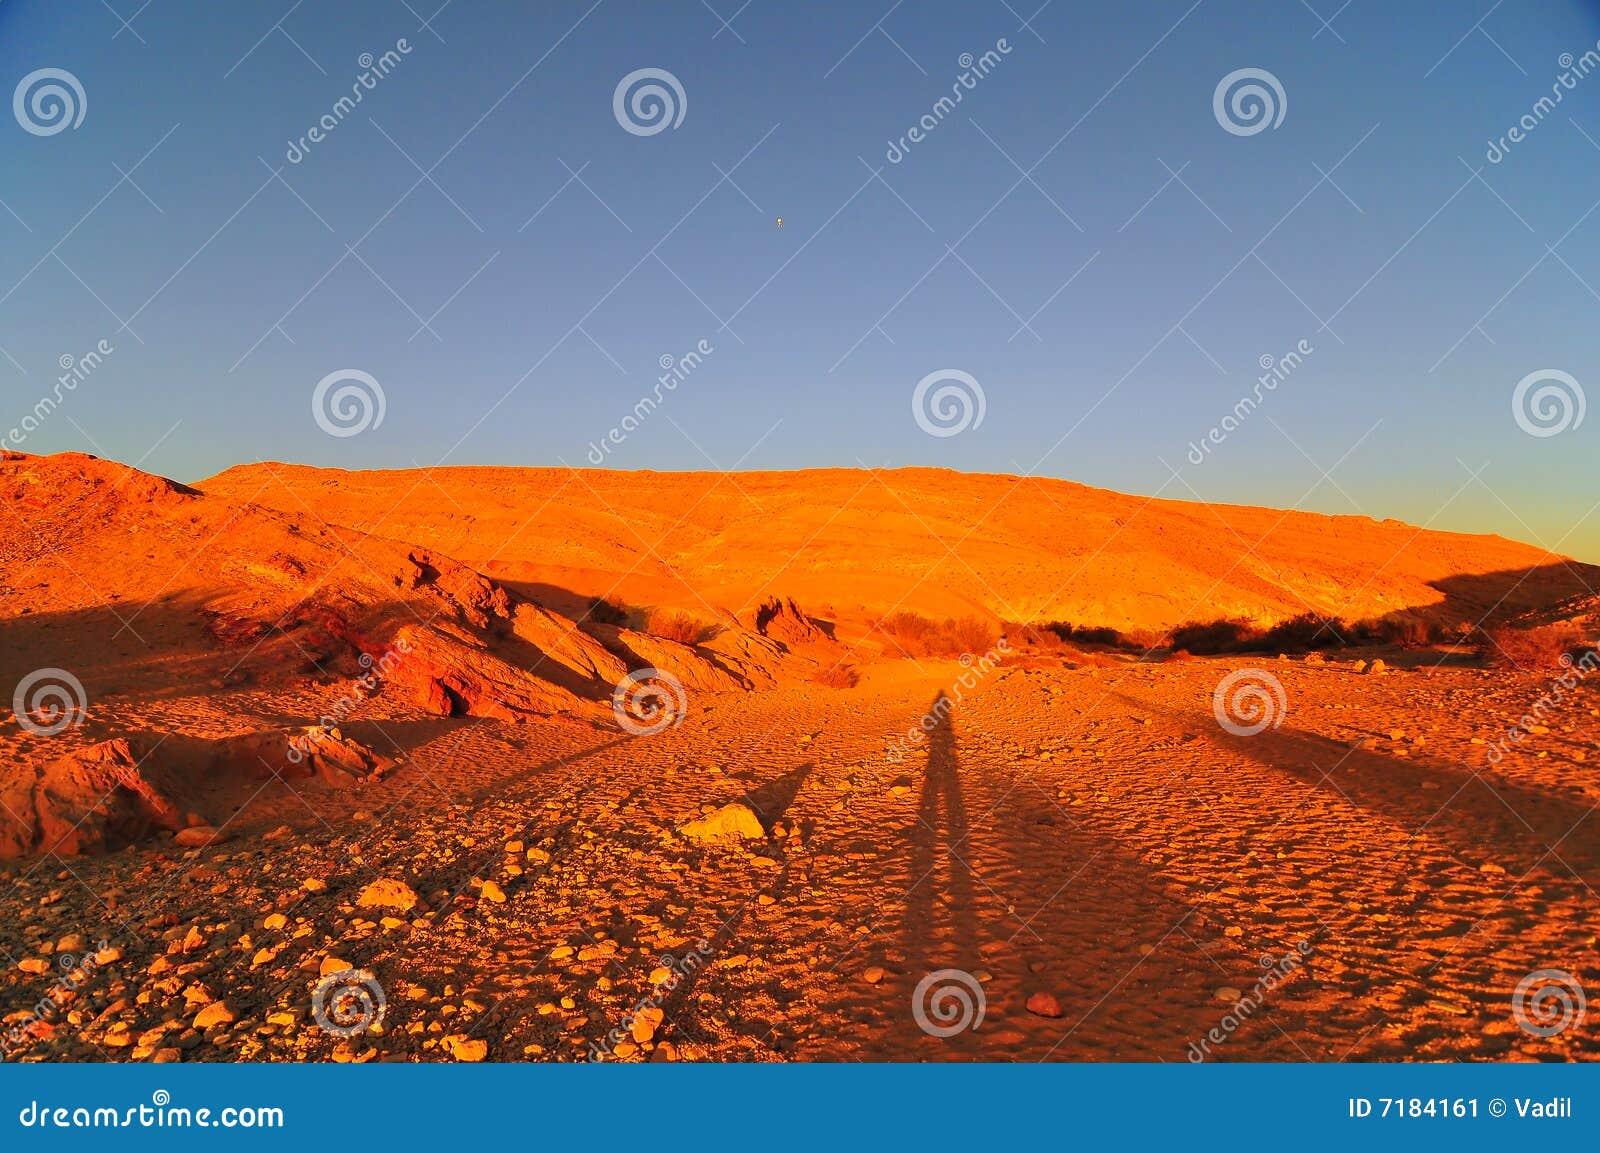 Orange desert mounts